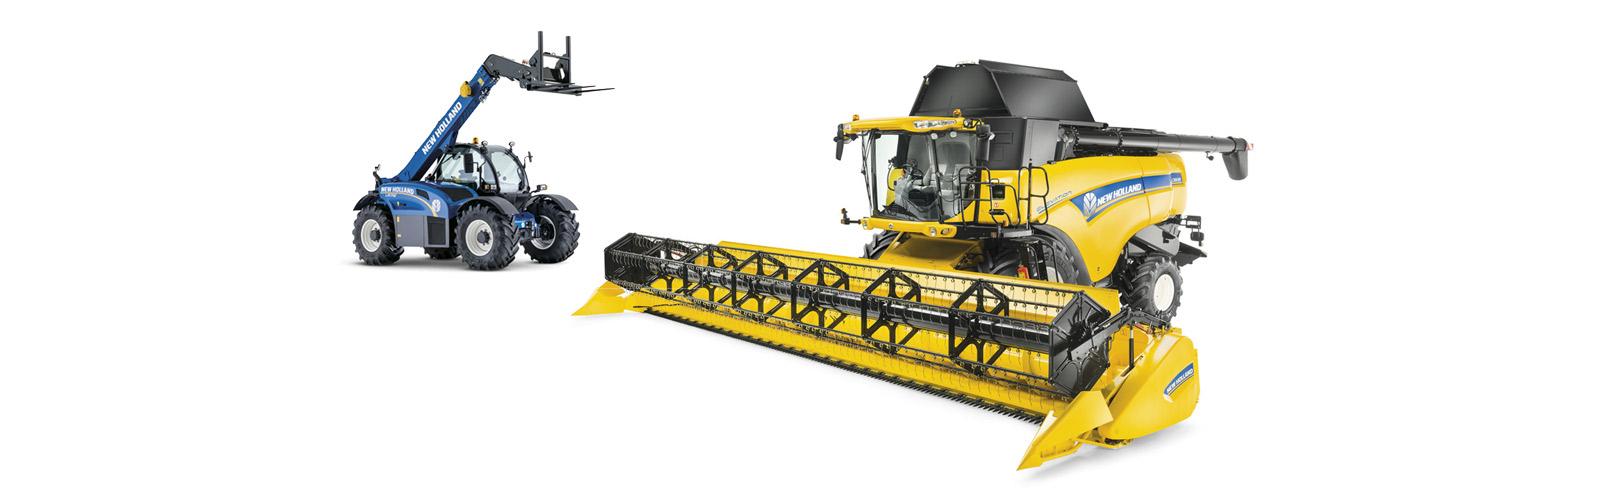 Vendita macchine nuove e usate terrepadane for Consorzio agrario cremona macchine agricole usate